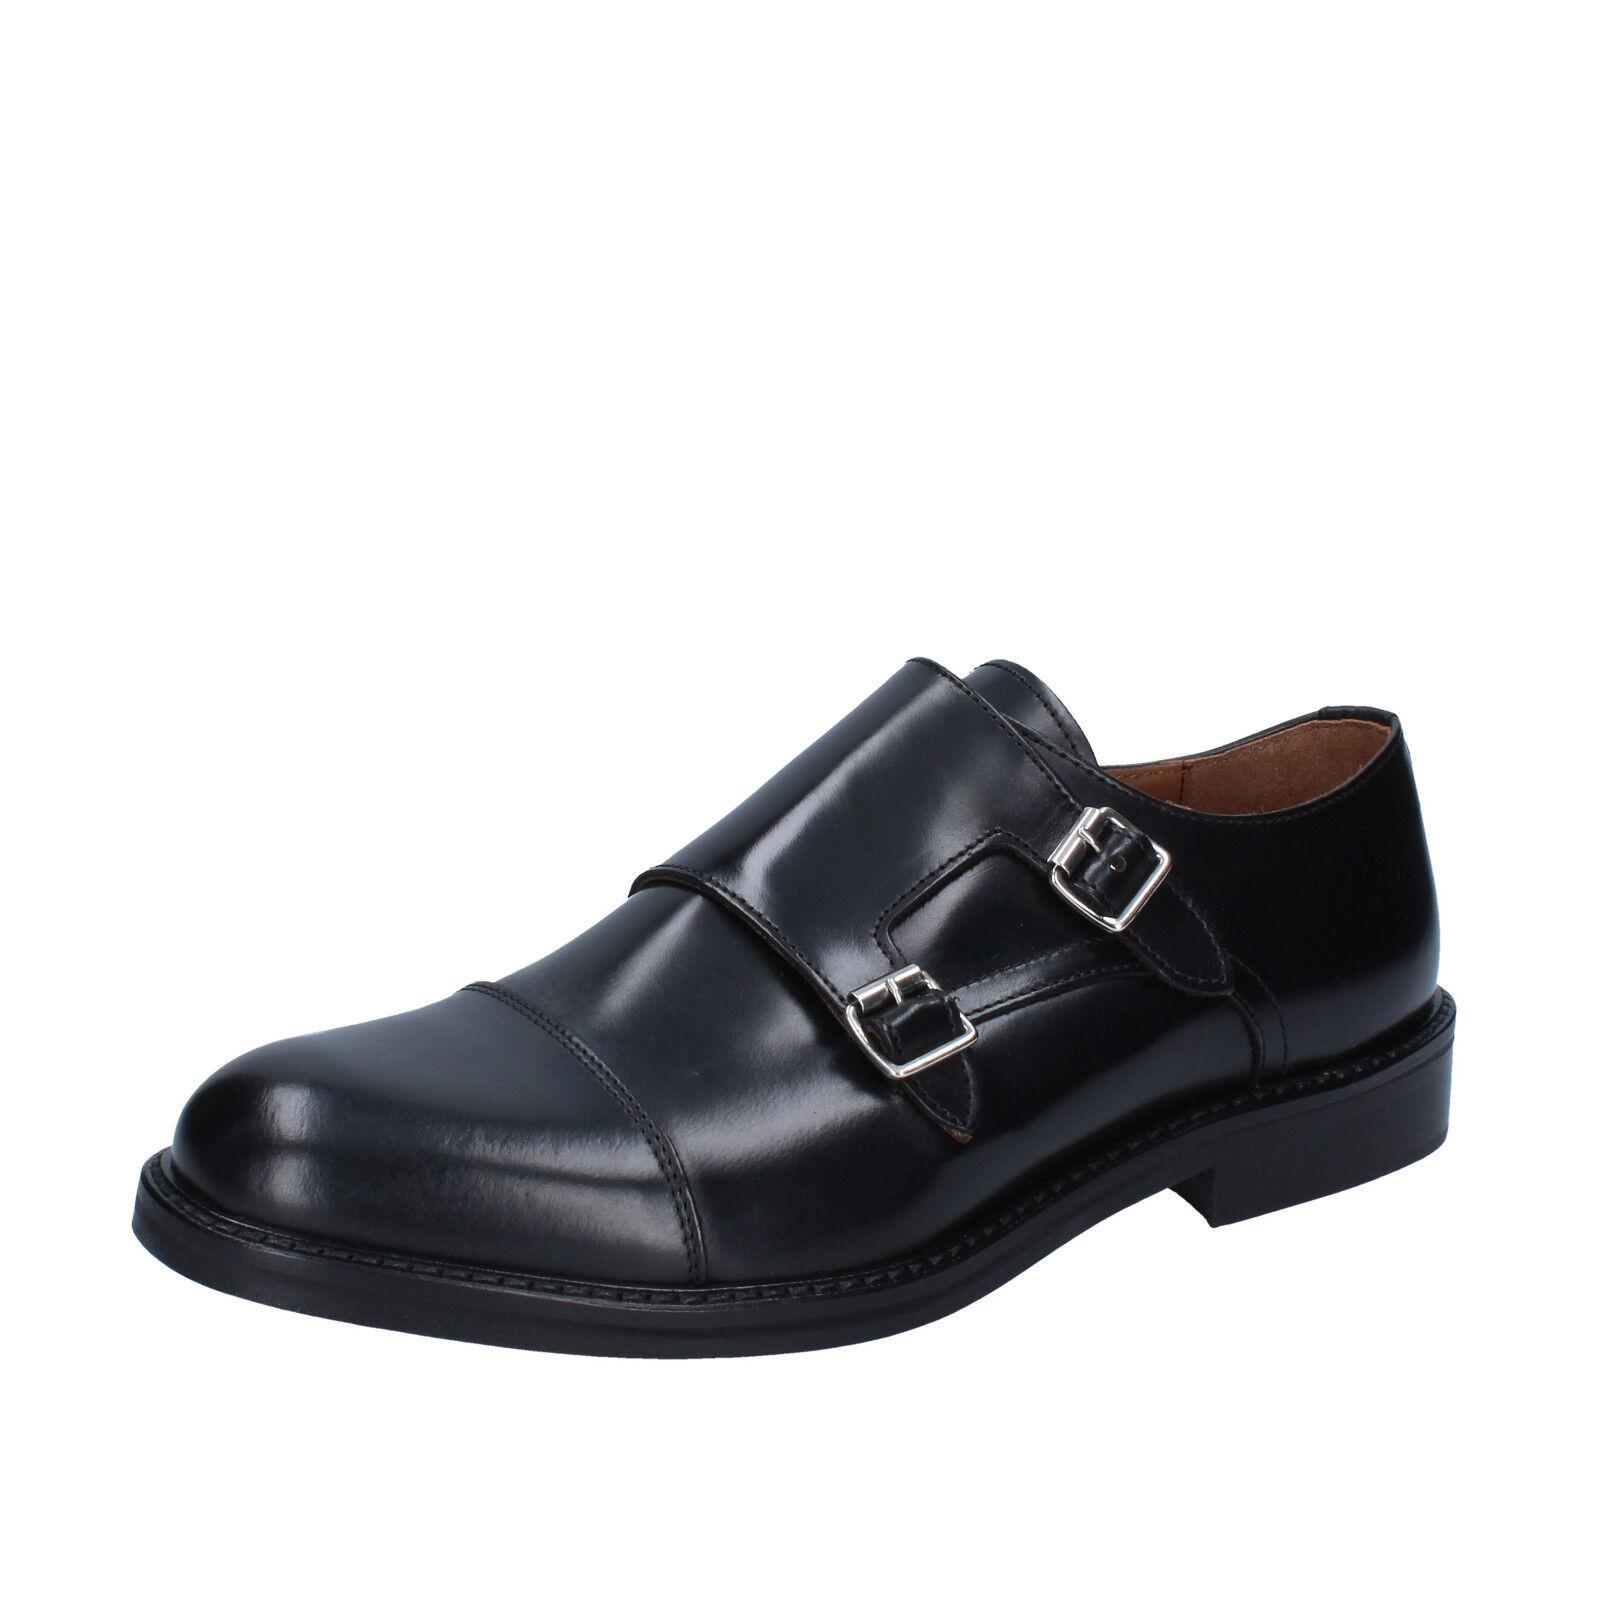 Herren schuhe RUE 51 45 EU elegante black leder BZ650-F